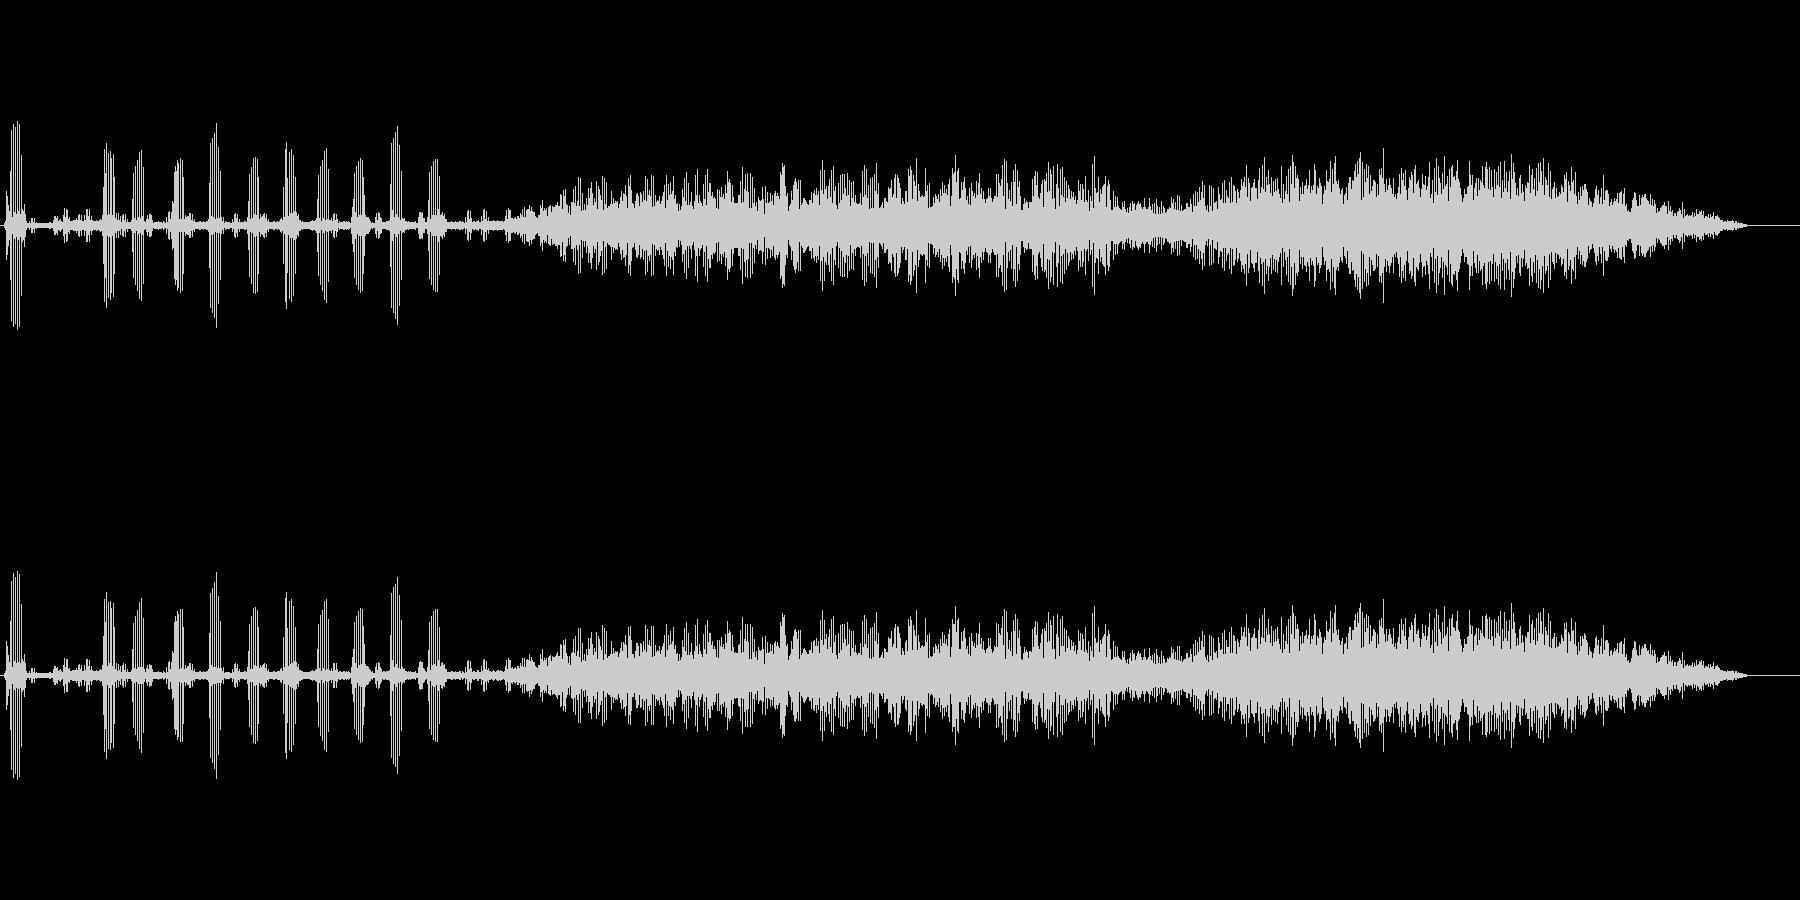 カエルの鳴き声の未再生の波形